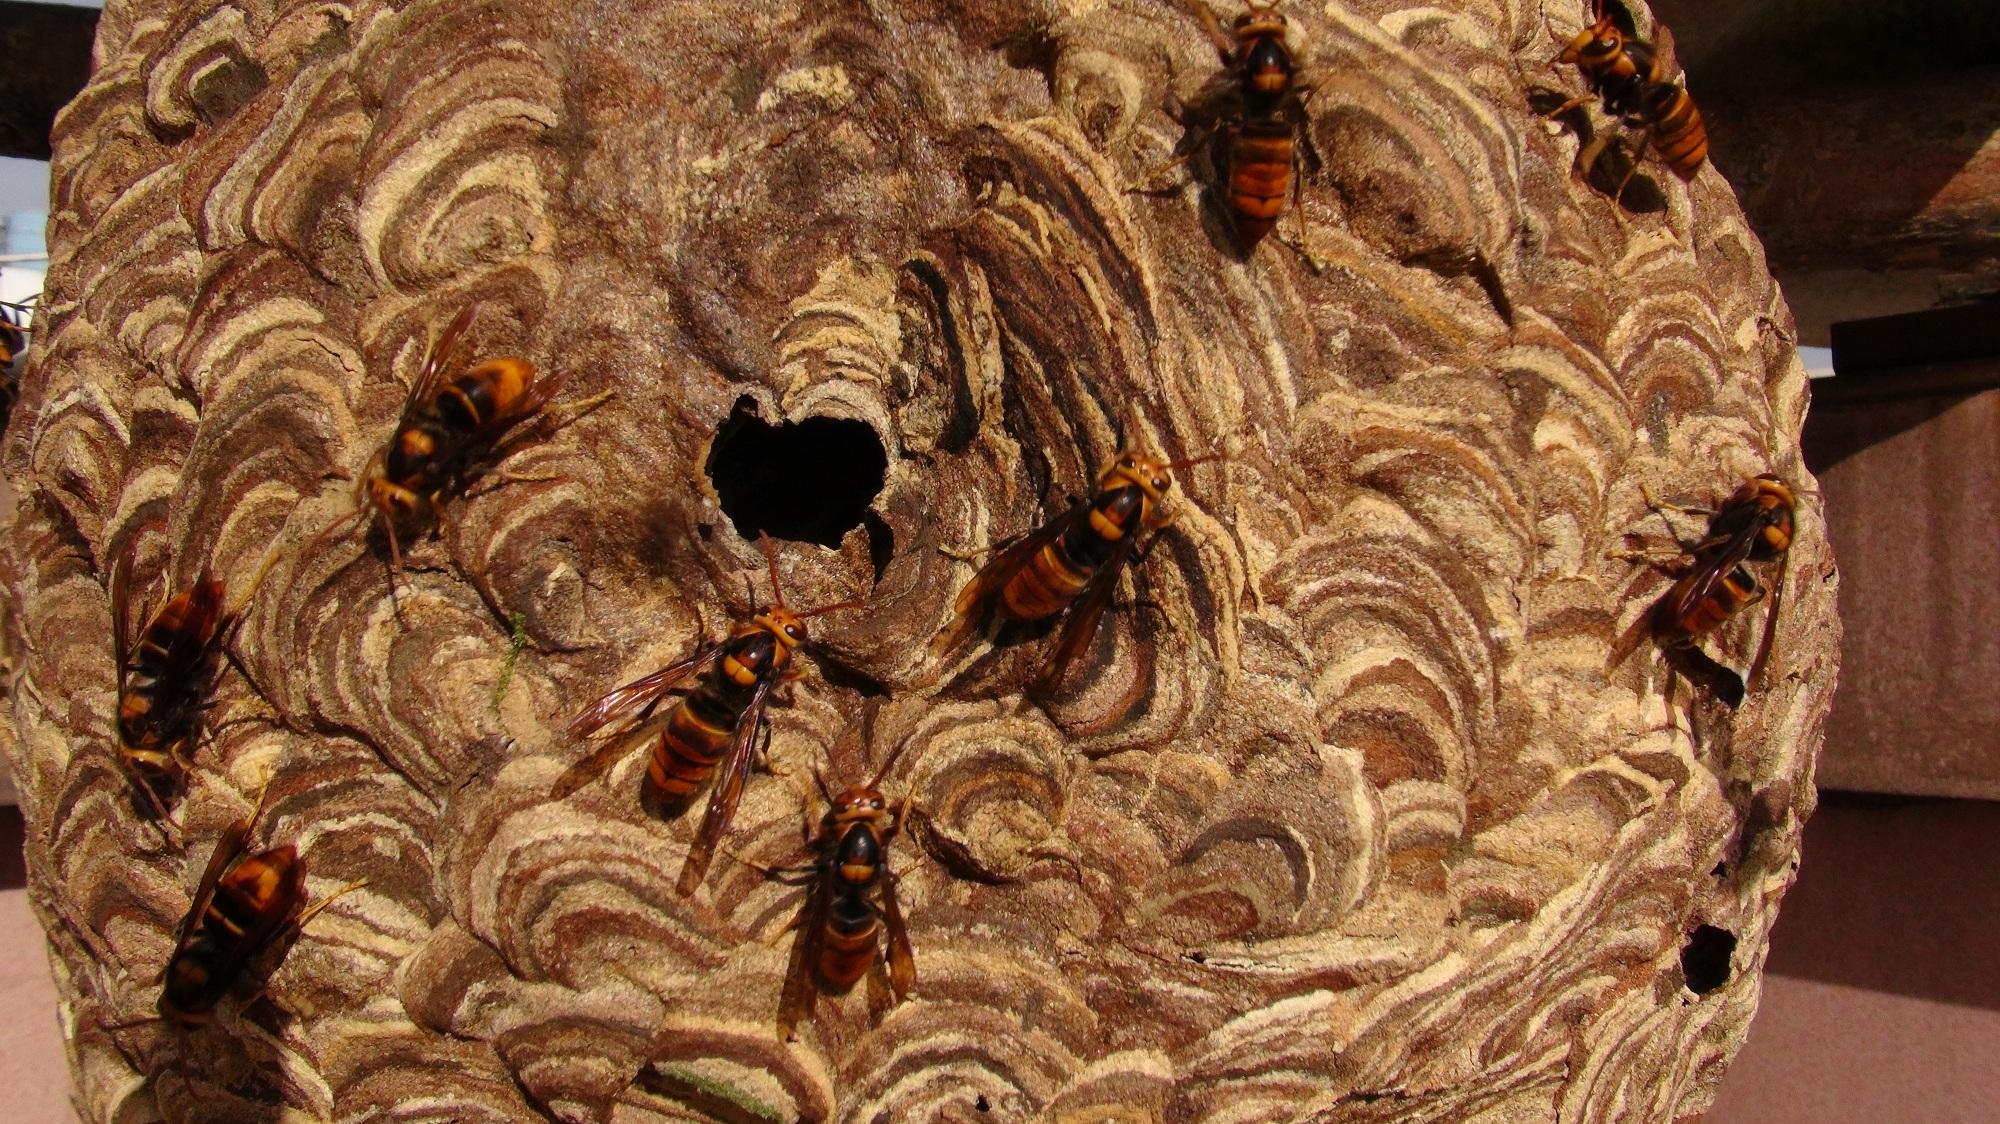 スズメバチ、30日前に嗅いだにおいを記憶 中国の研究